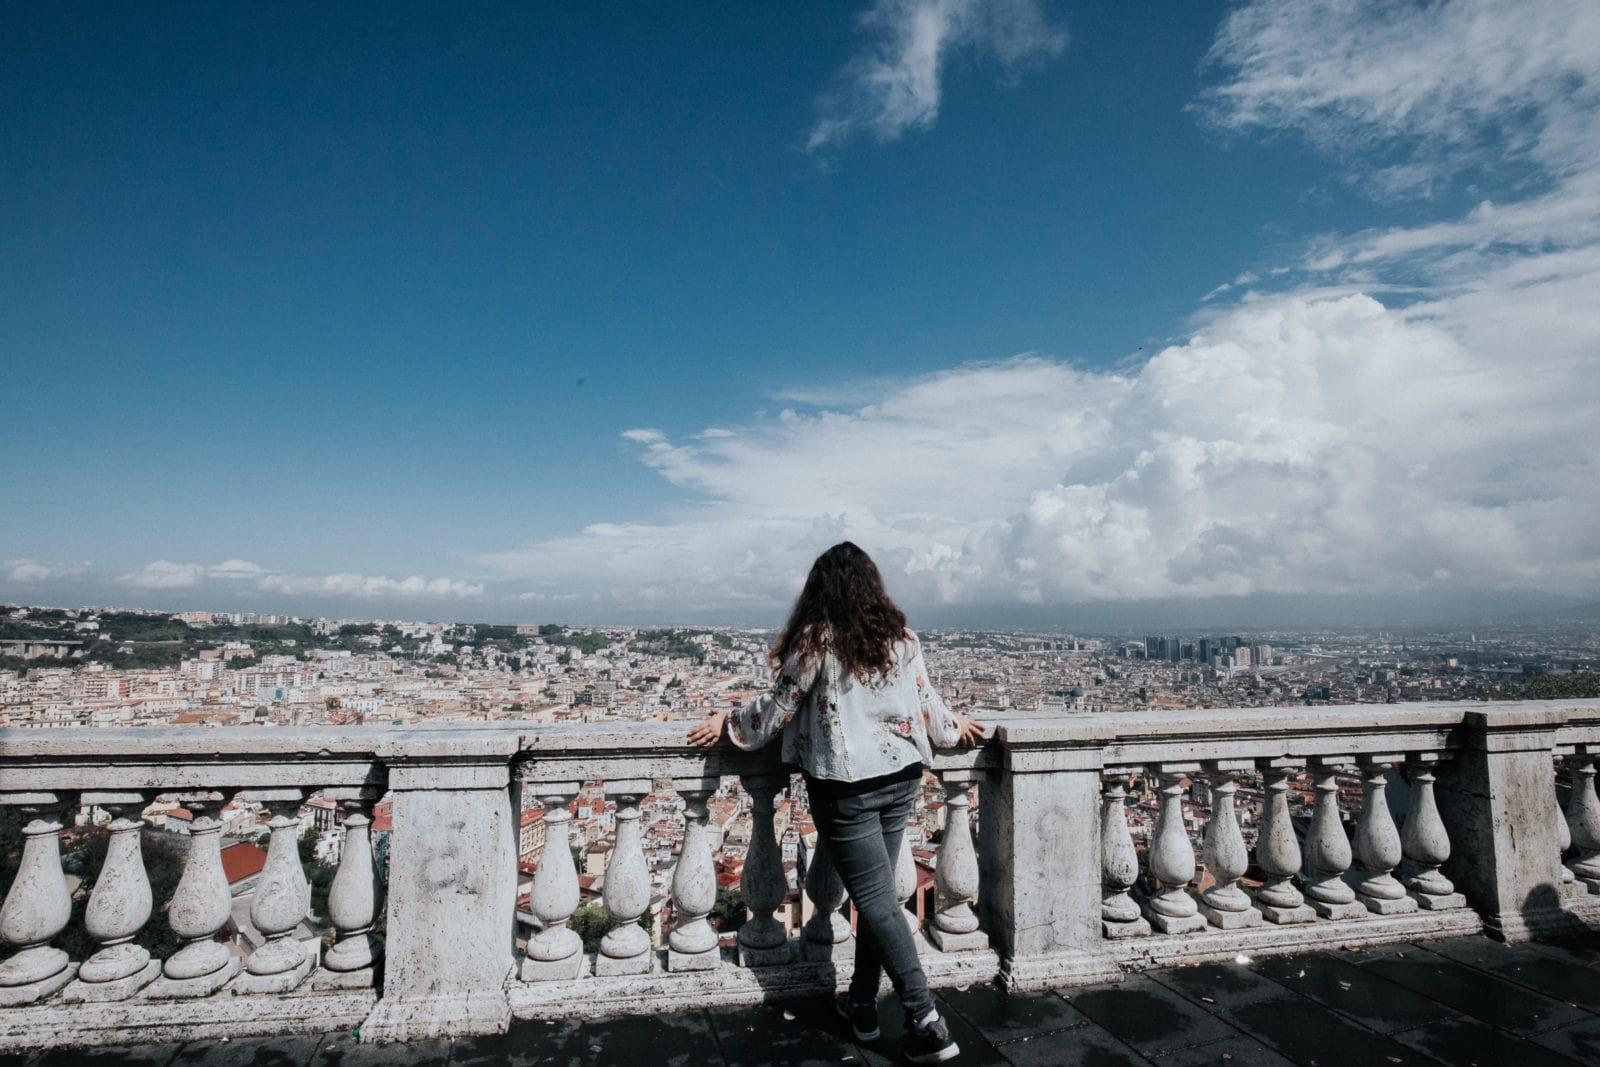 Neapel Sehenswürdigkeiten Aussicht Castell Sant Elmo